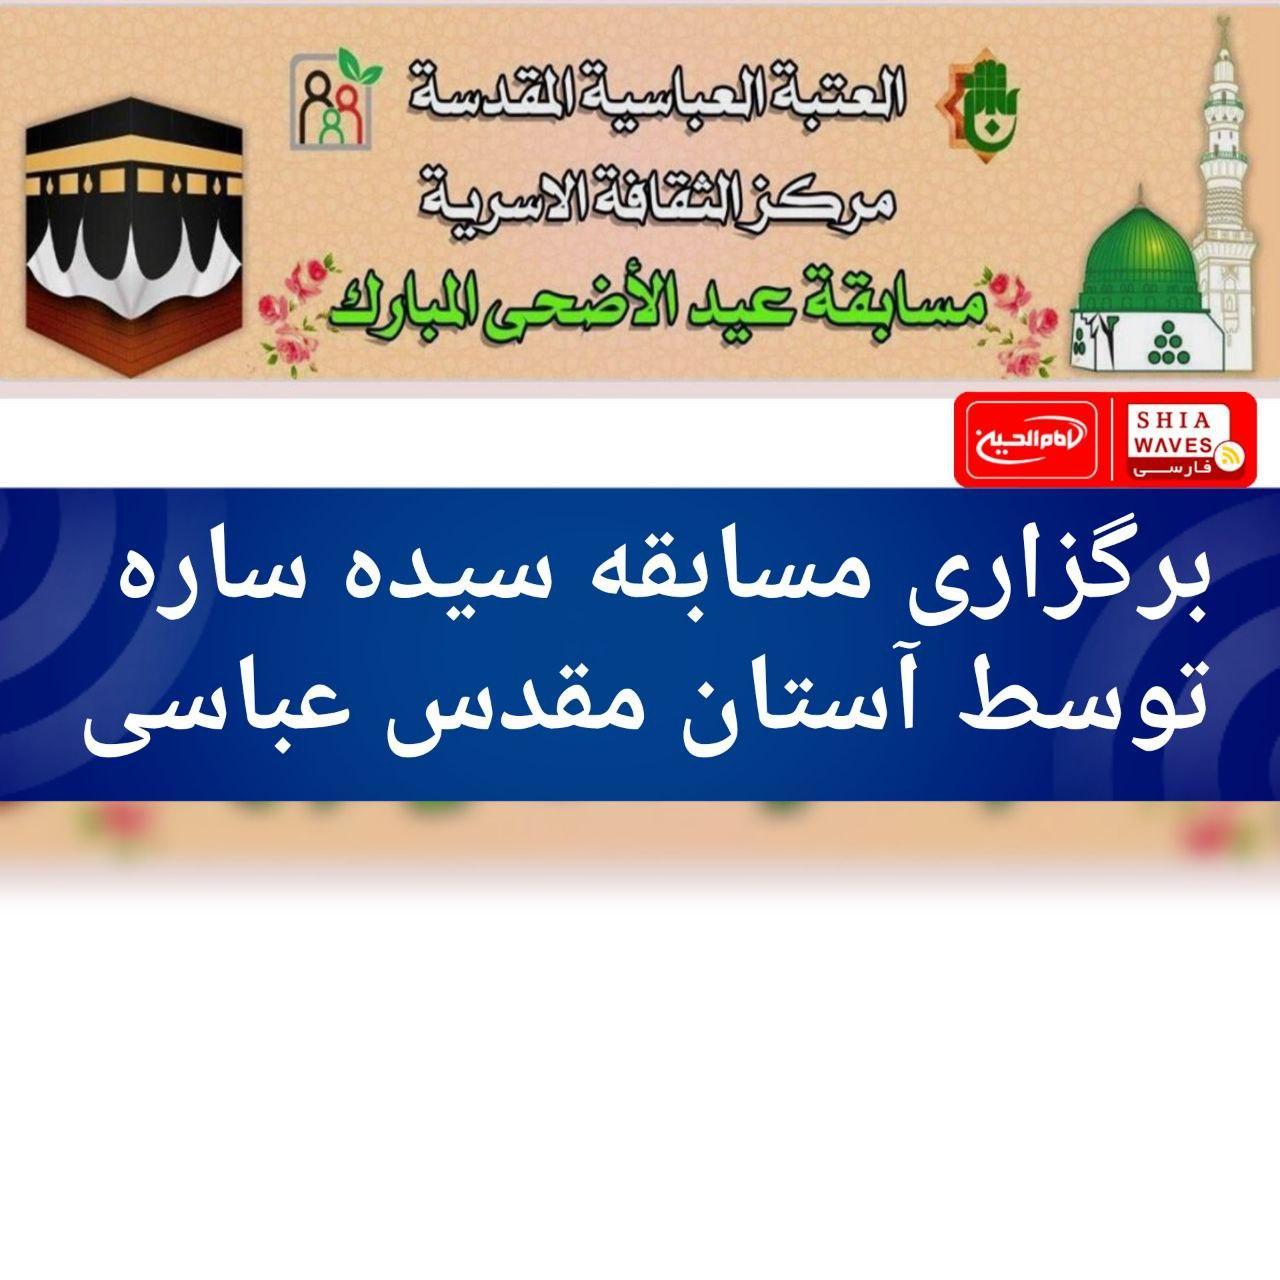 تصویر برگزاری مسابقه سیده ساره توسط آستان مقدس عباسی